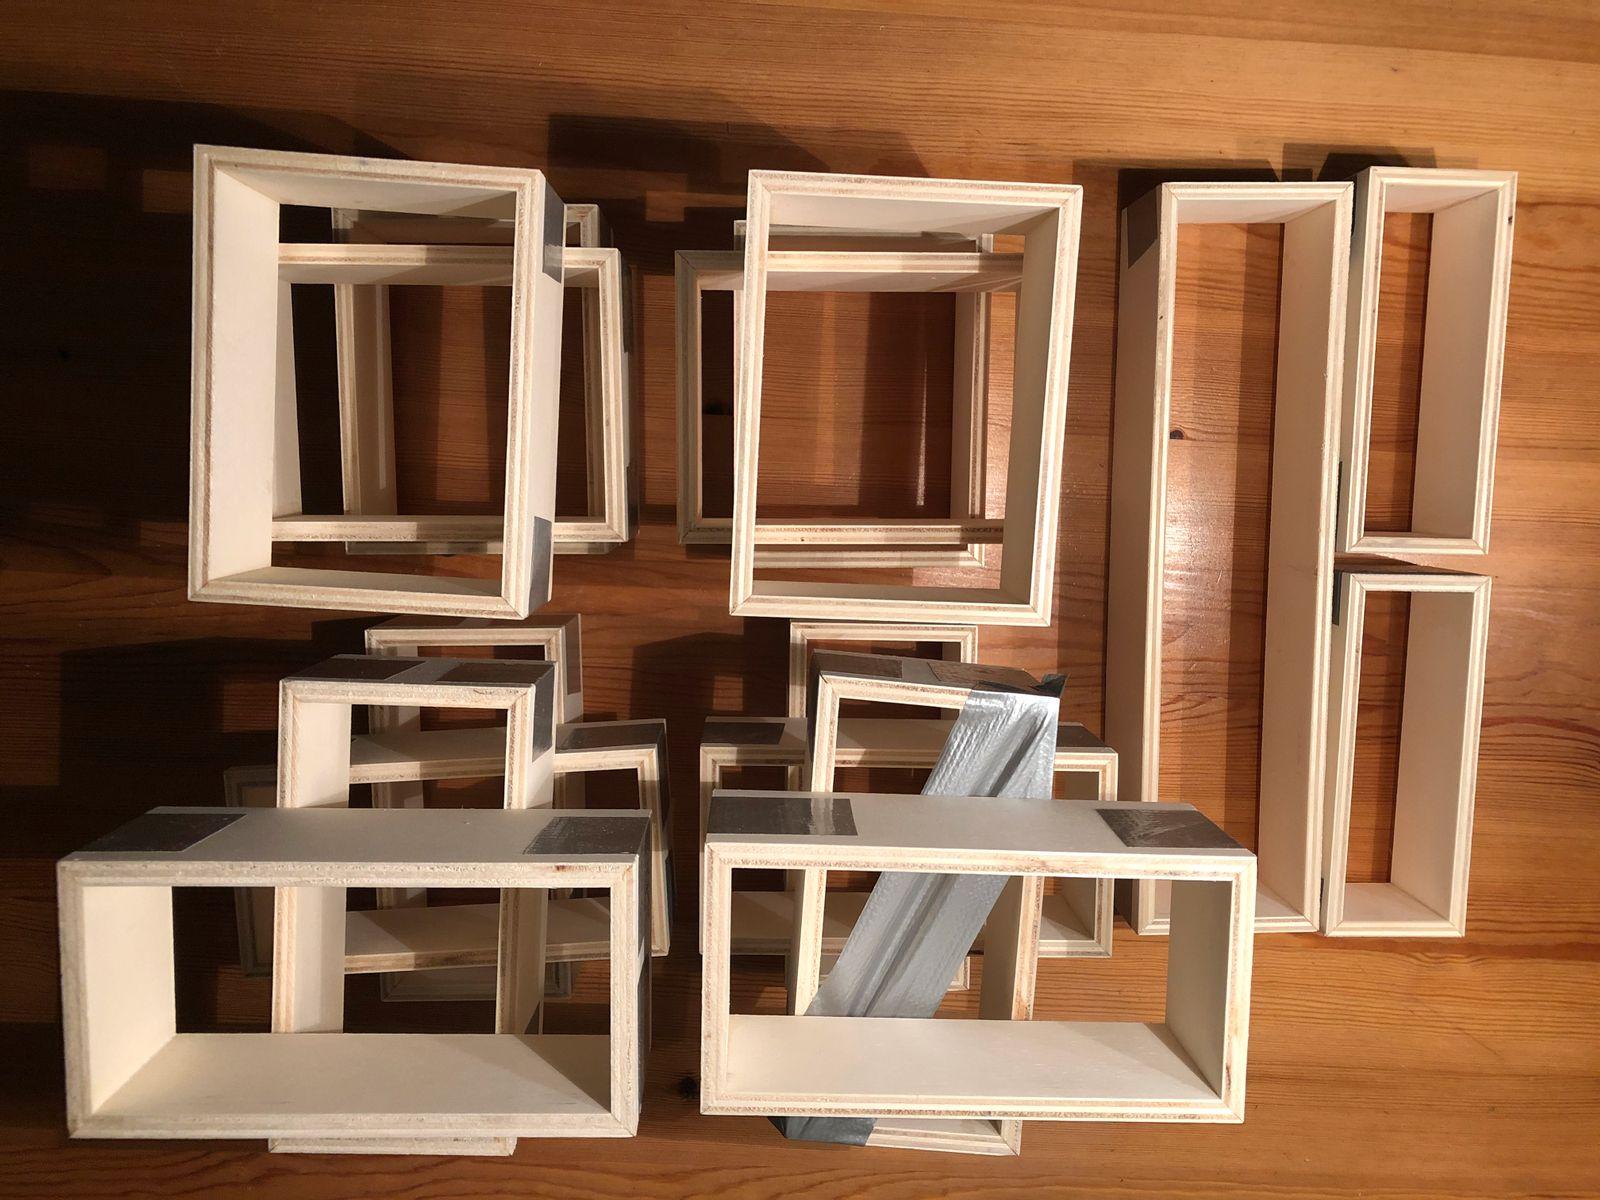 Heimwerkerblog/ Schubladen